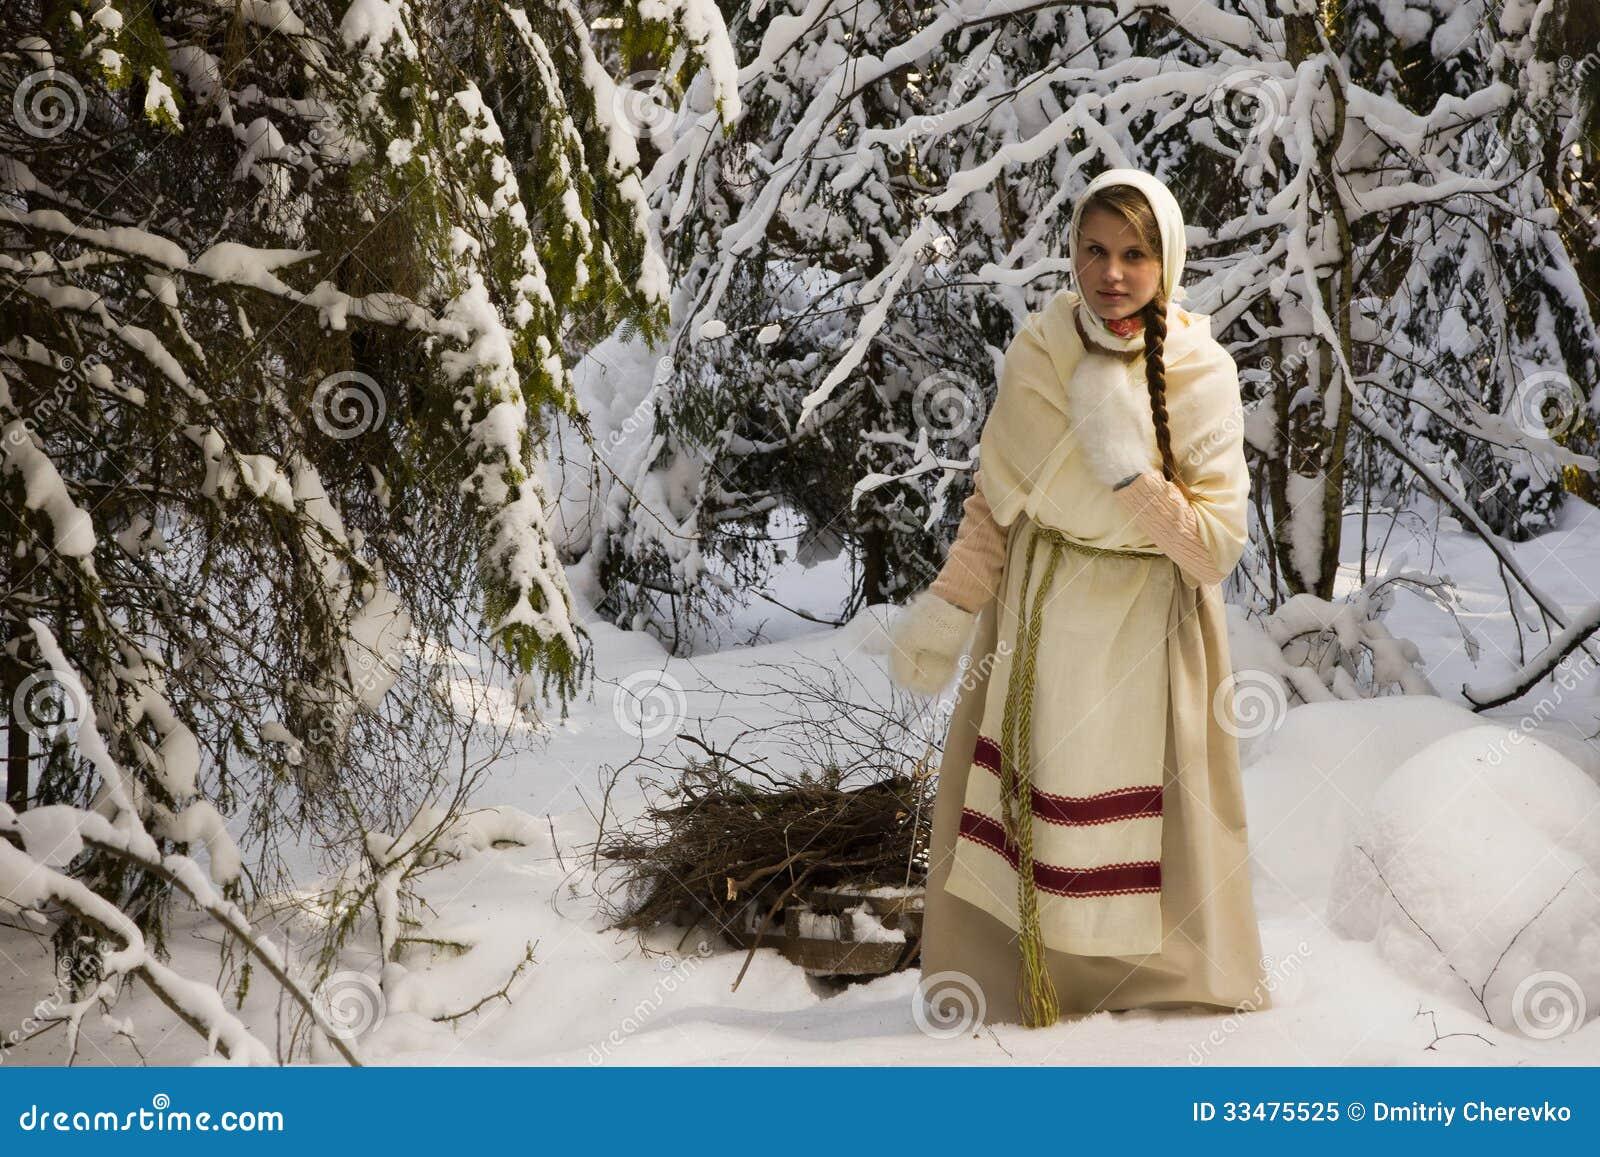 Русские девочки в лесу 12 фотография